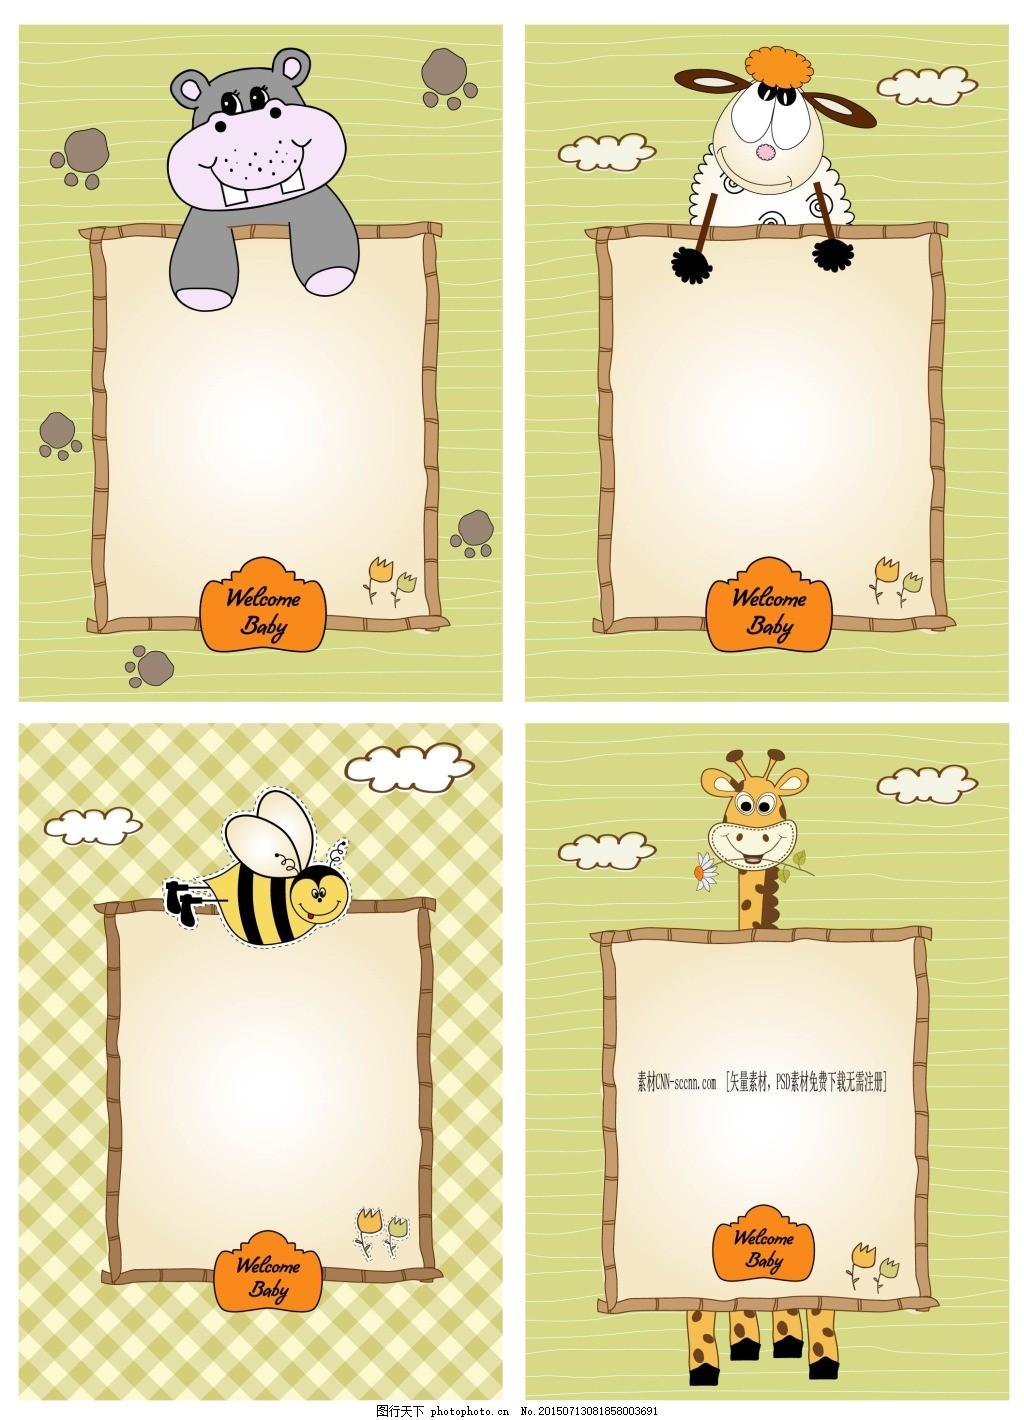 卡通图案边框素材 卡通素材 矢量素材 卡通边框 矢量动物 小动物